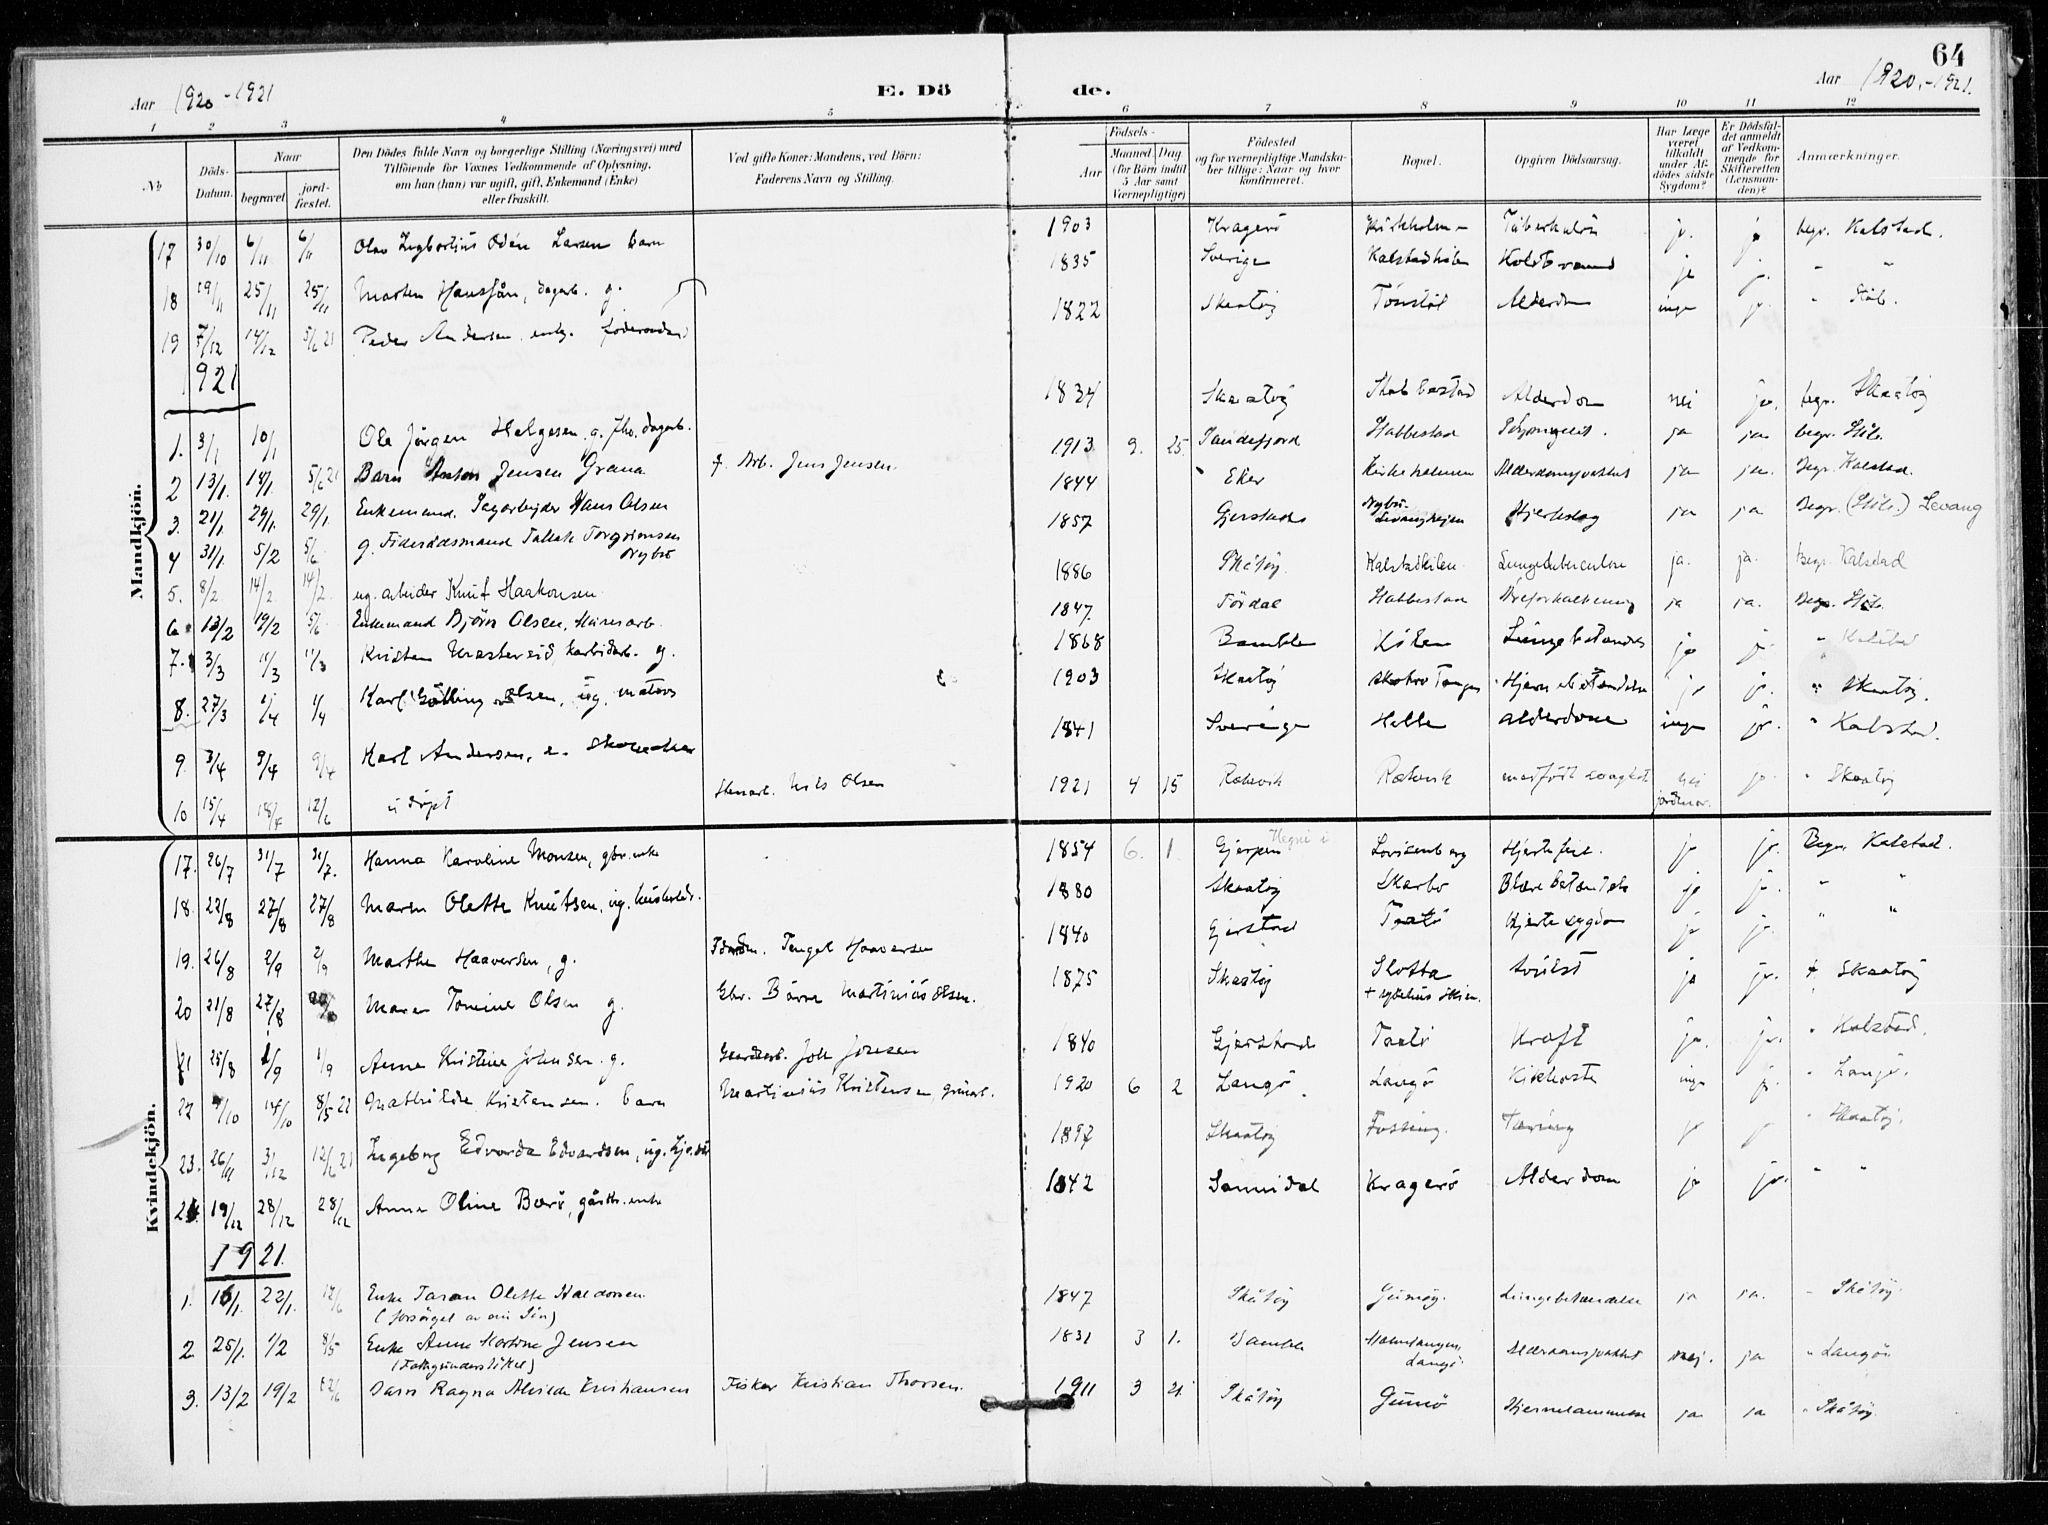 SAKO, Skåtøy kirkebøker, F/Fa/L0005: Ministerialbok nr. I 5, 1901-1923, s. 64